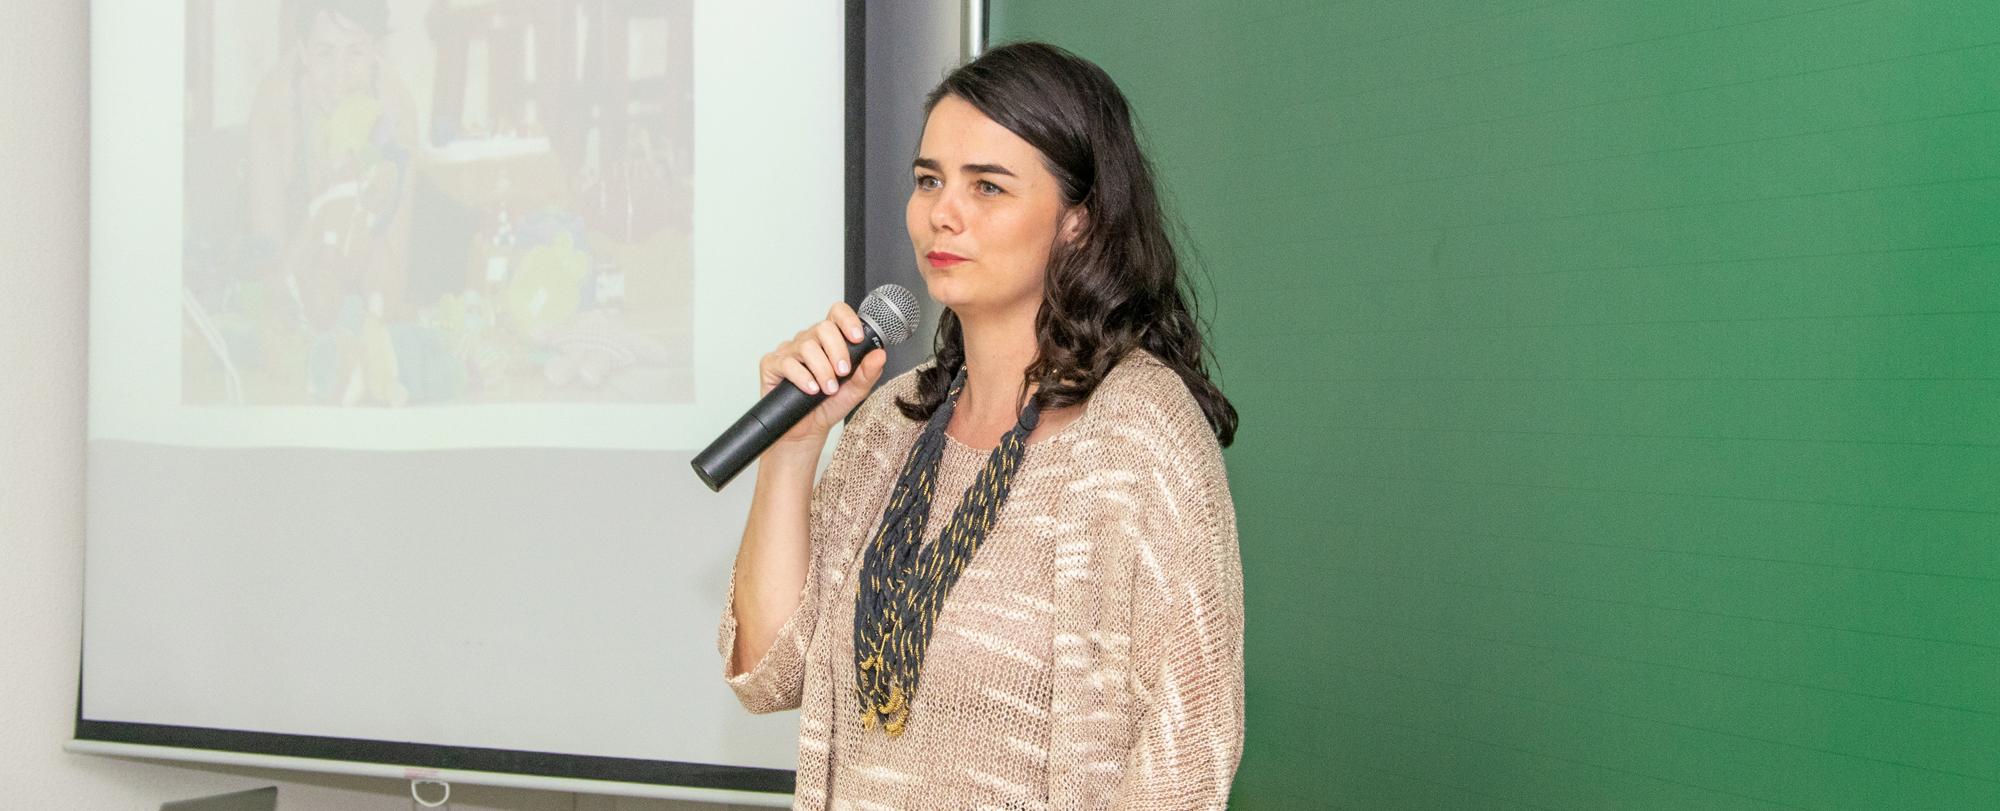 Educadores do Portinari recebem palestra sobre Educação Emocional